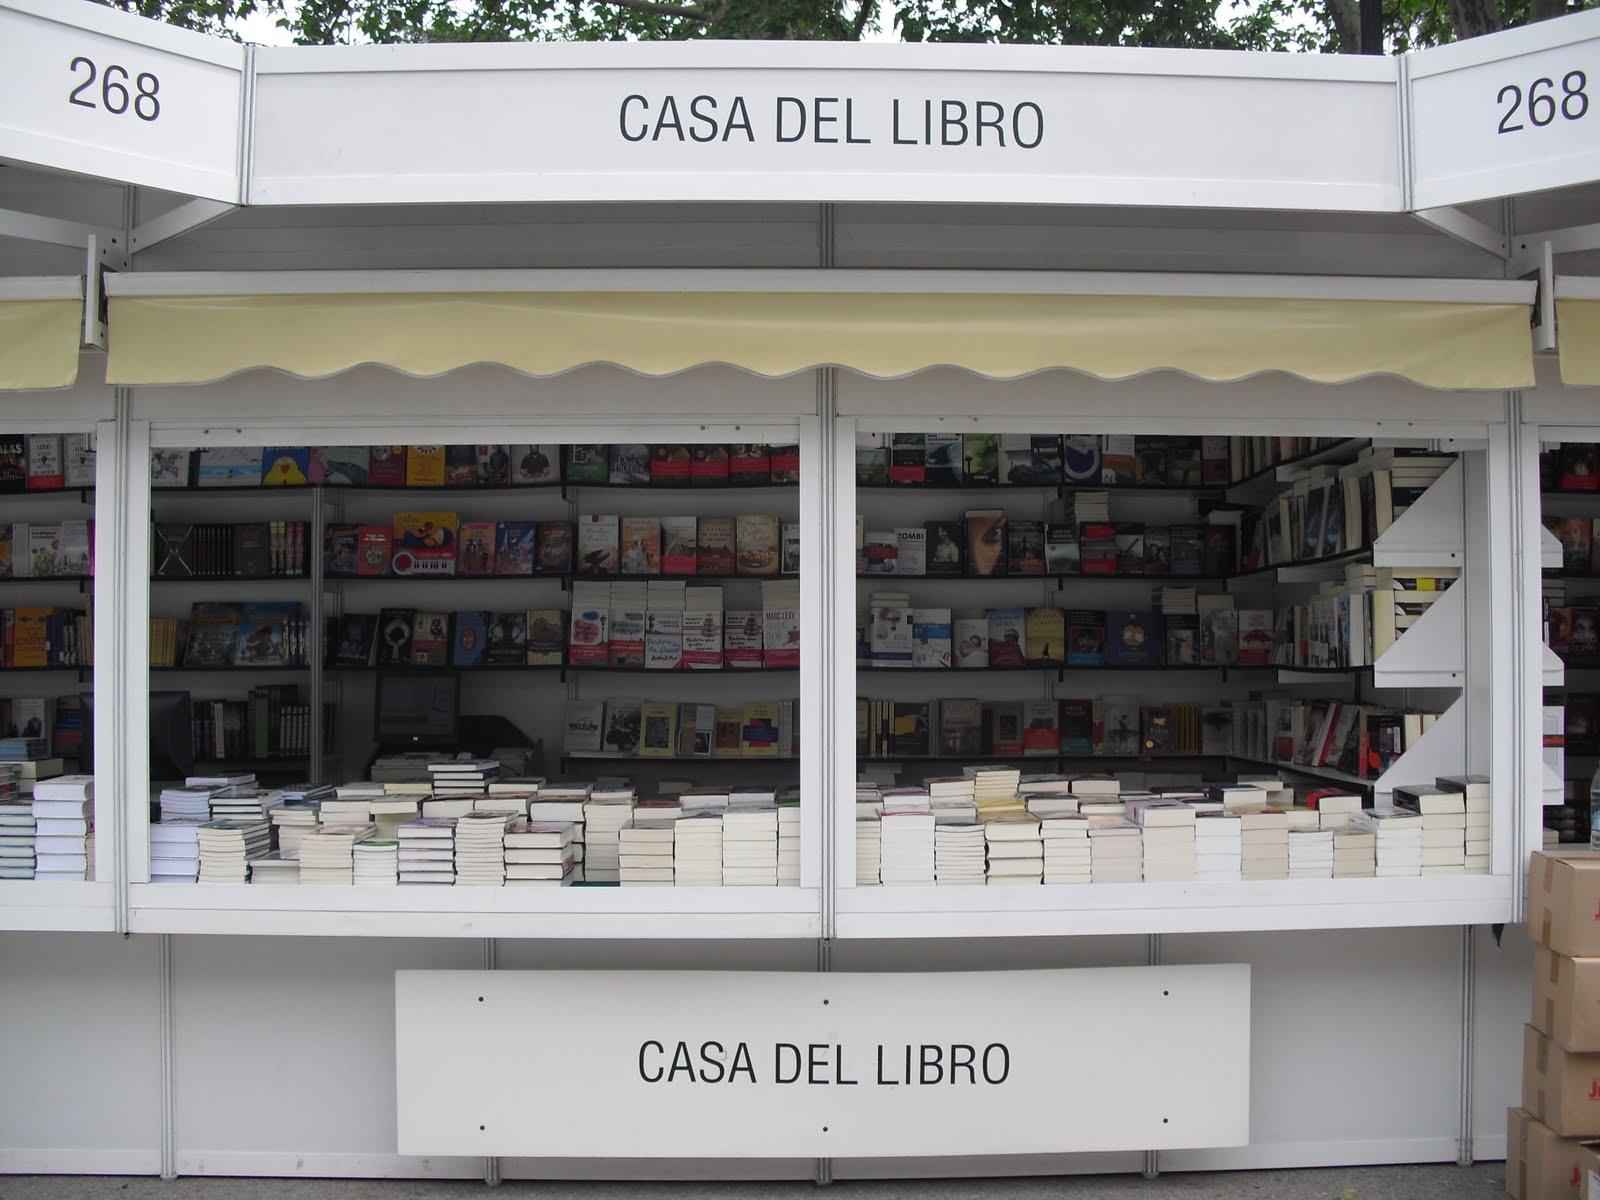 Casa del libro madrid - Casa del libro madrid horario ...